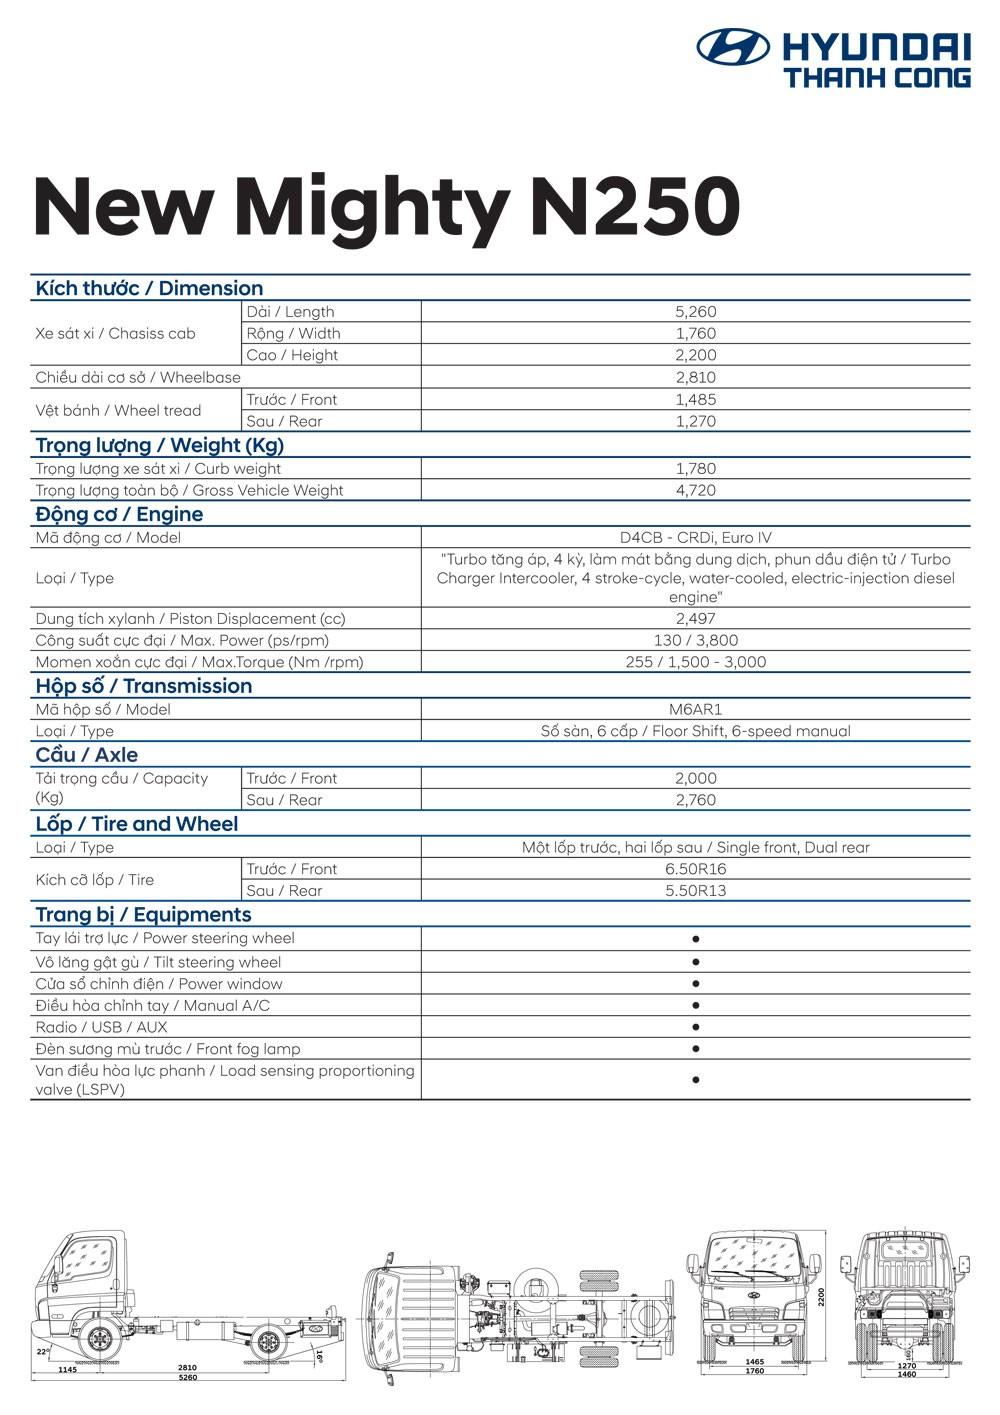 Thông tin chi tiết về xe Hyundai New Mighty N250(1)